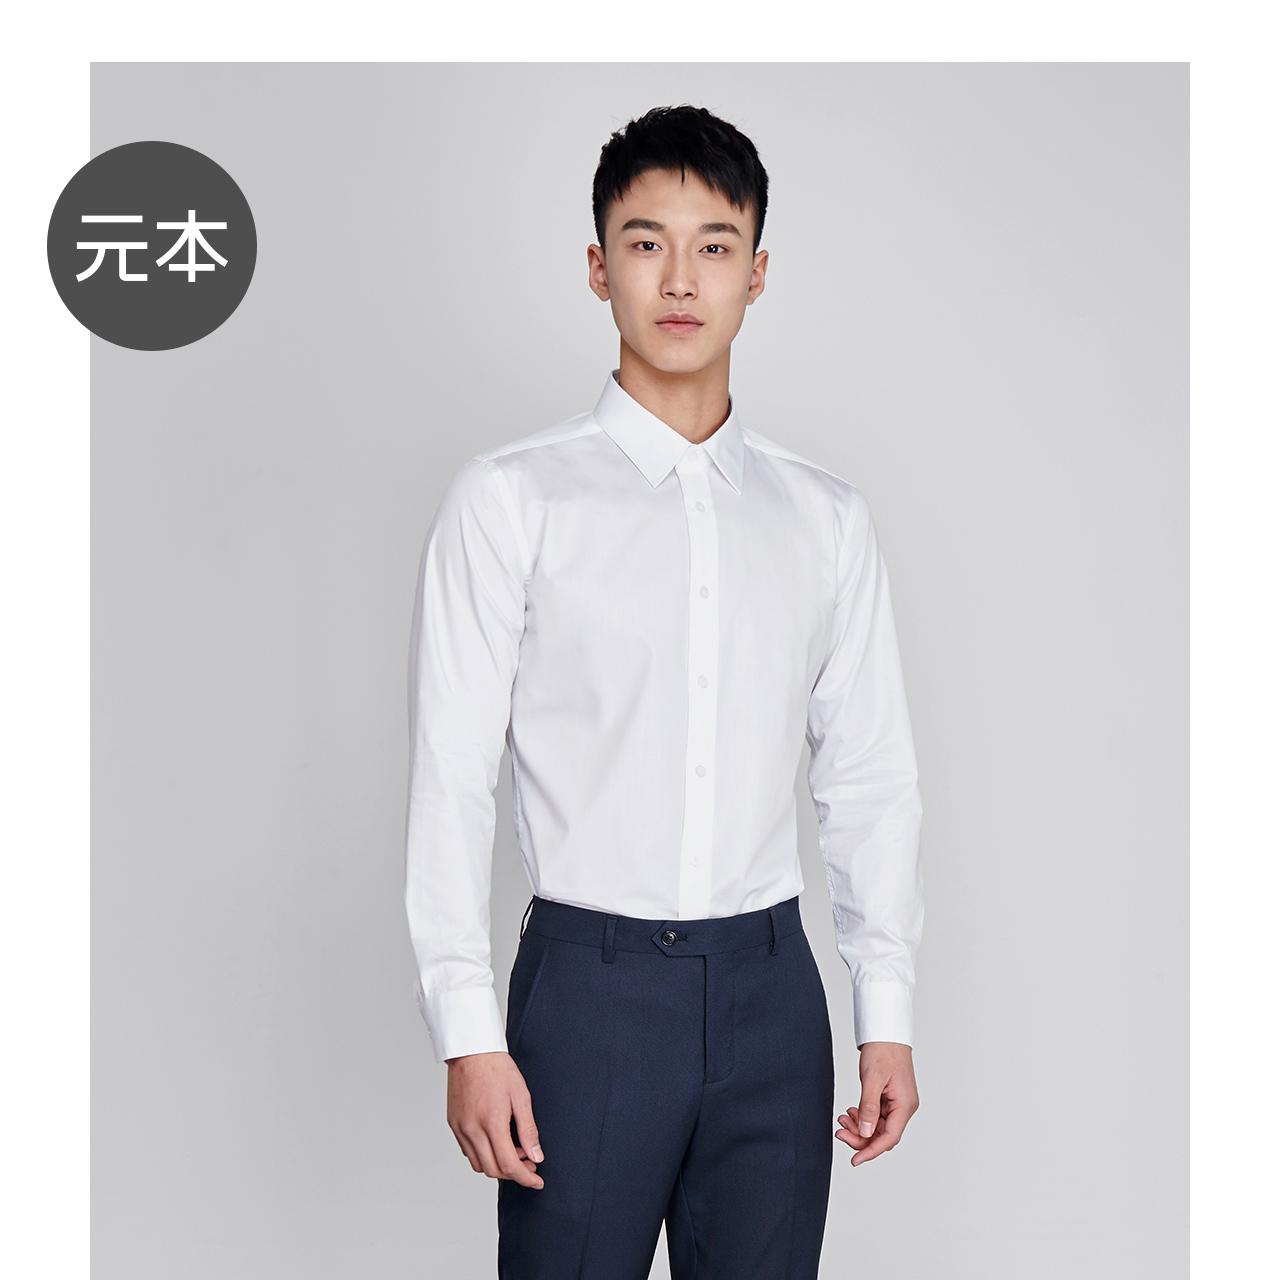 白色衬衫 元本白衬衫男长袖商务正装修身易烫寸衫男士白色上班西装黑色衬衣_推荐淘宝好看的白色衬衫